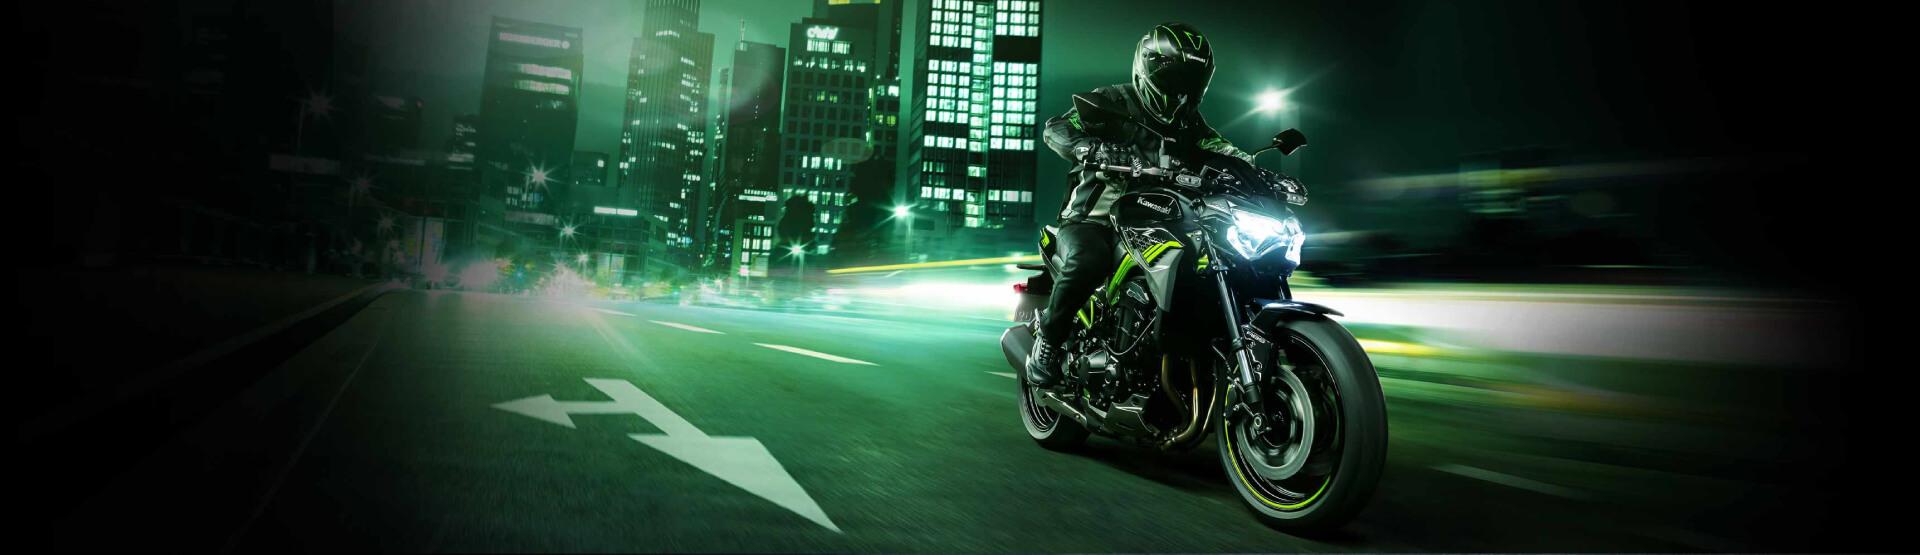 Z900 ABS Kawasaki